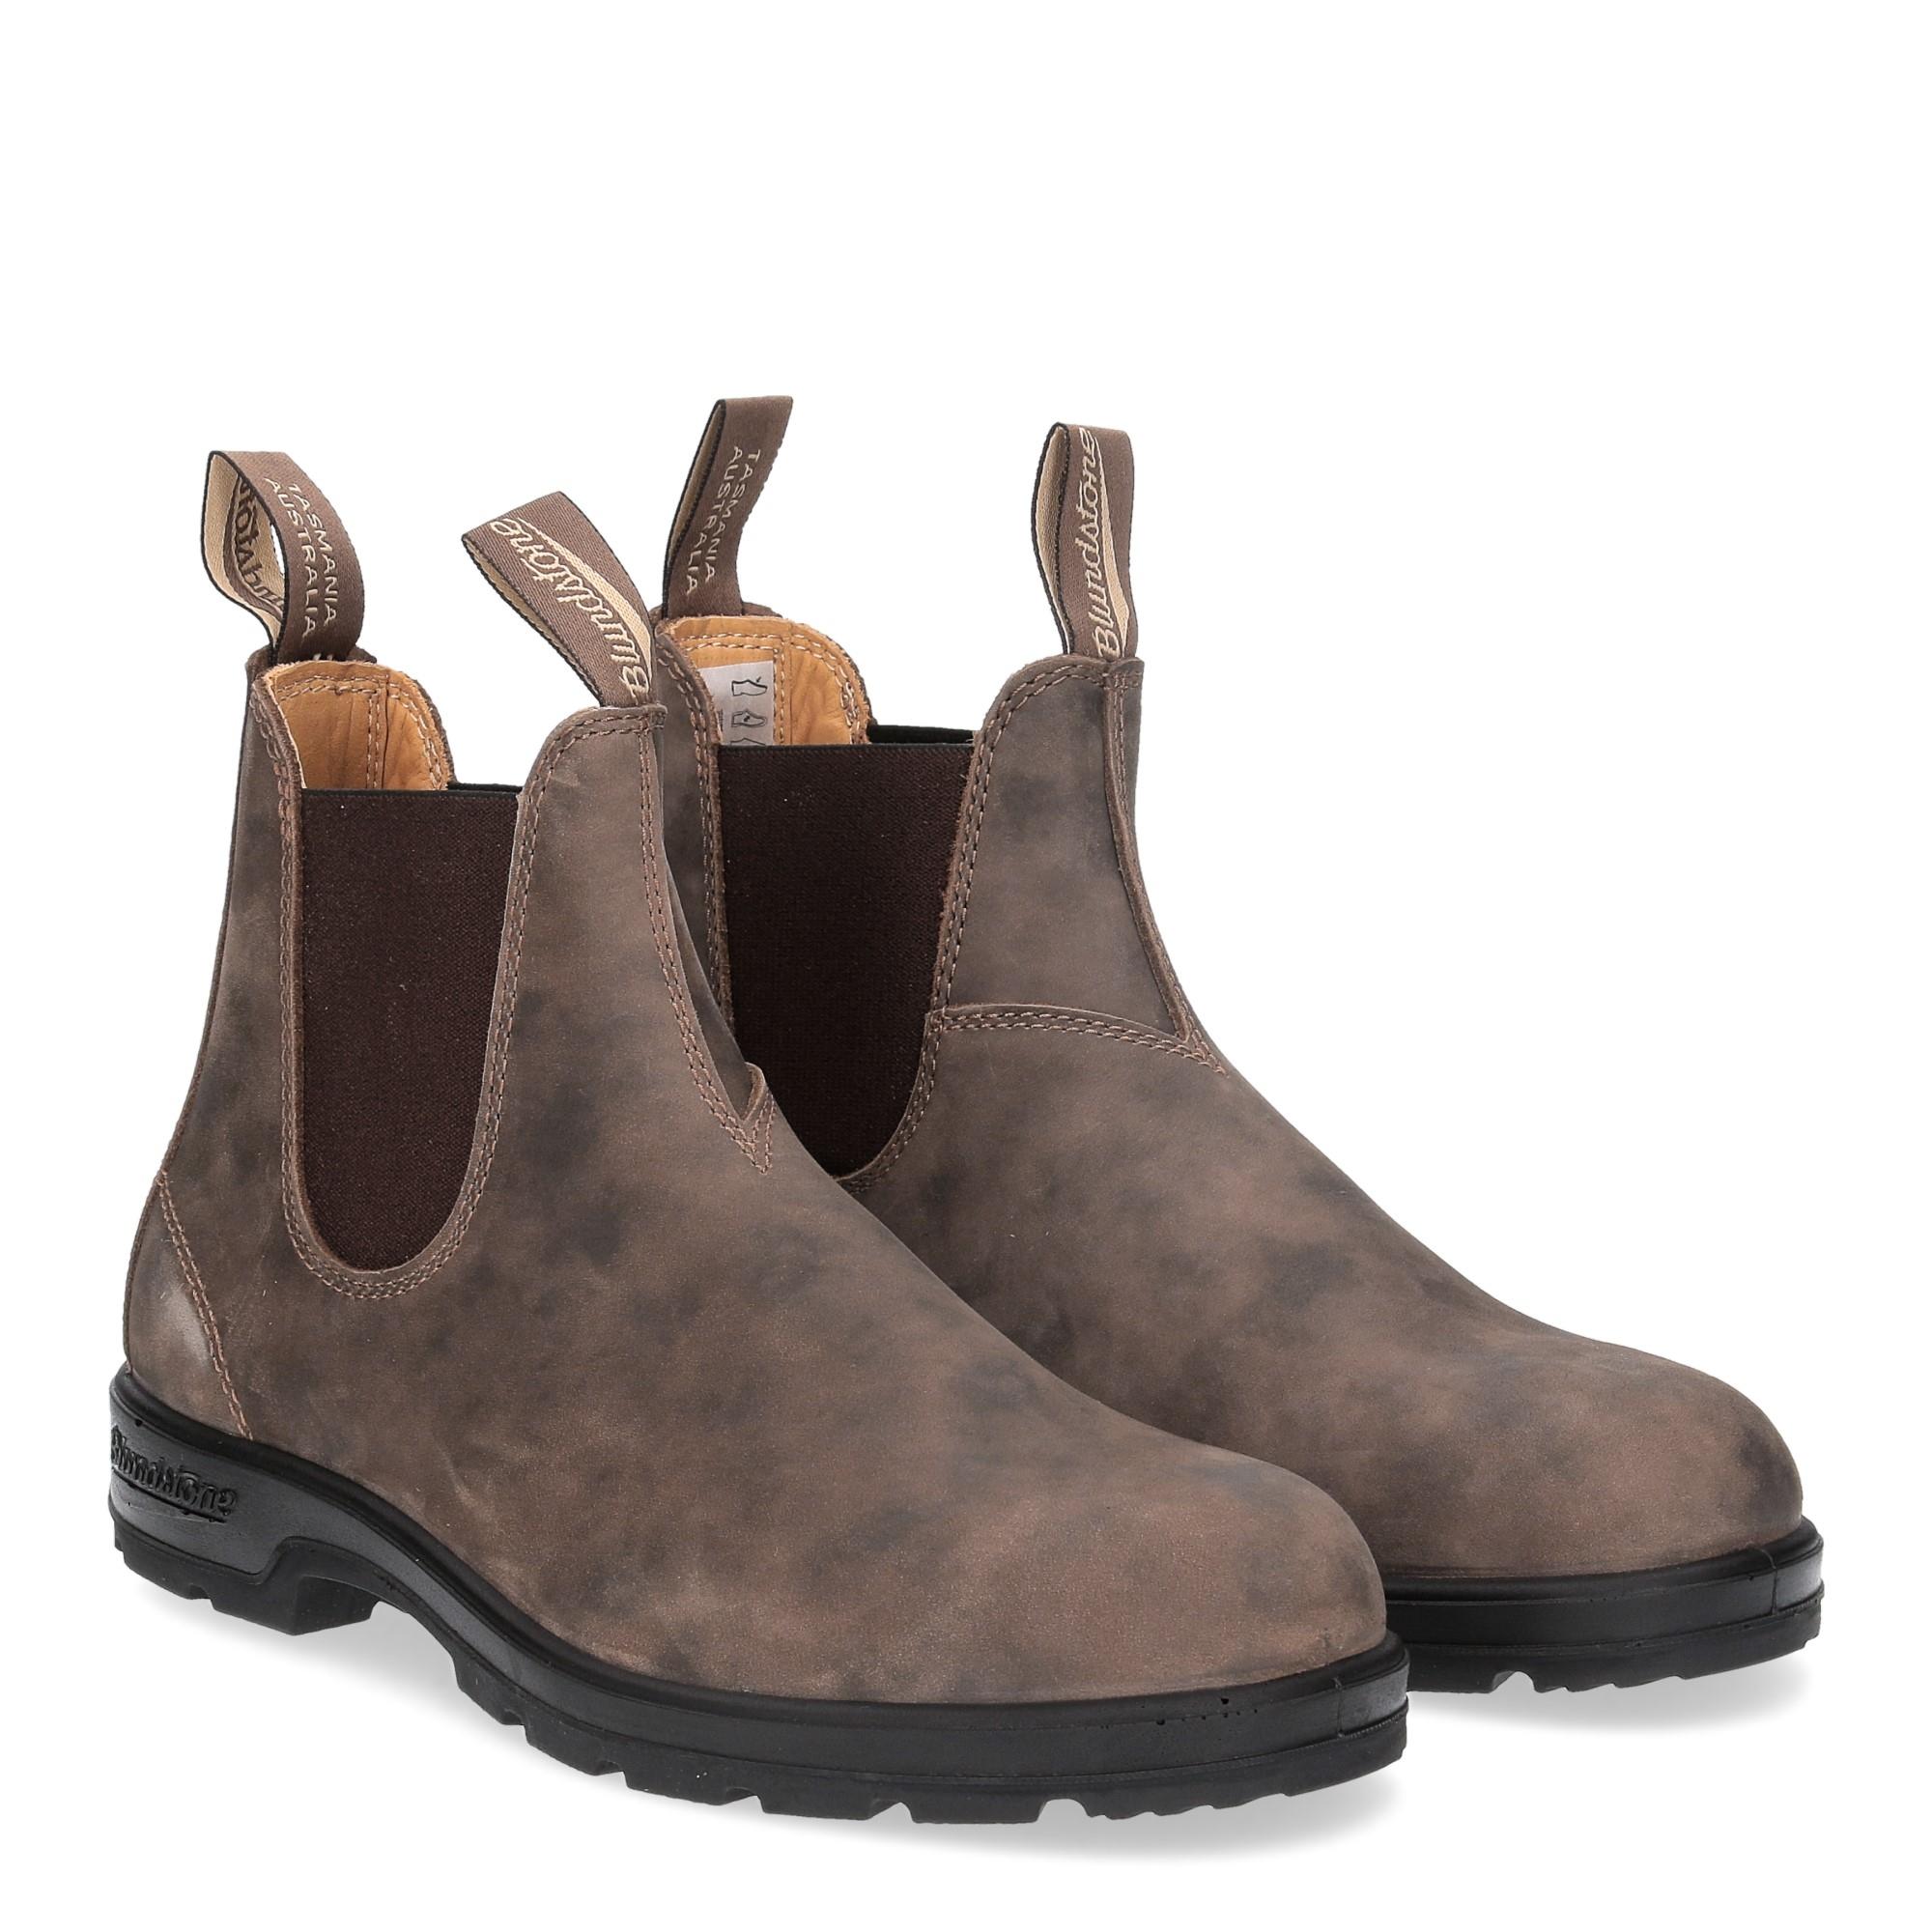 Blundstone 585 rustik brown